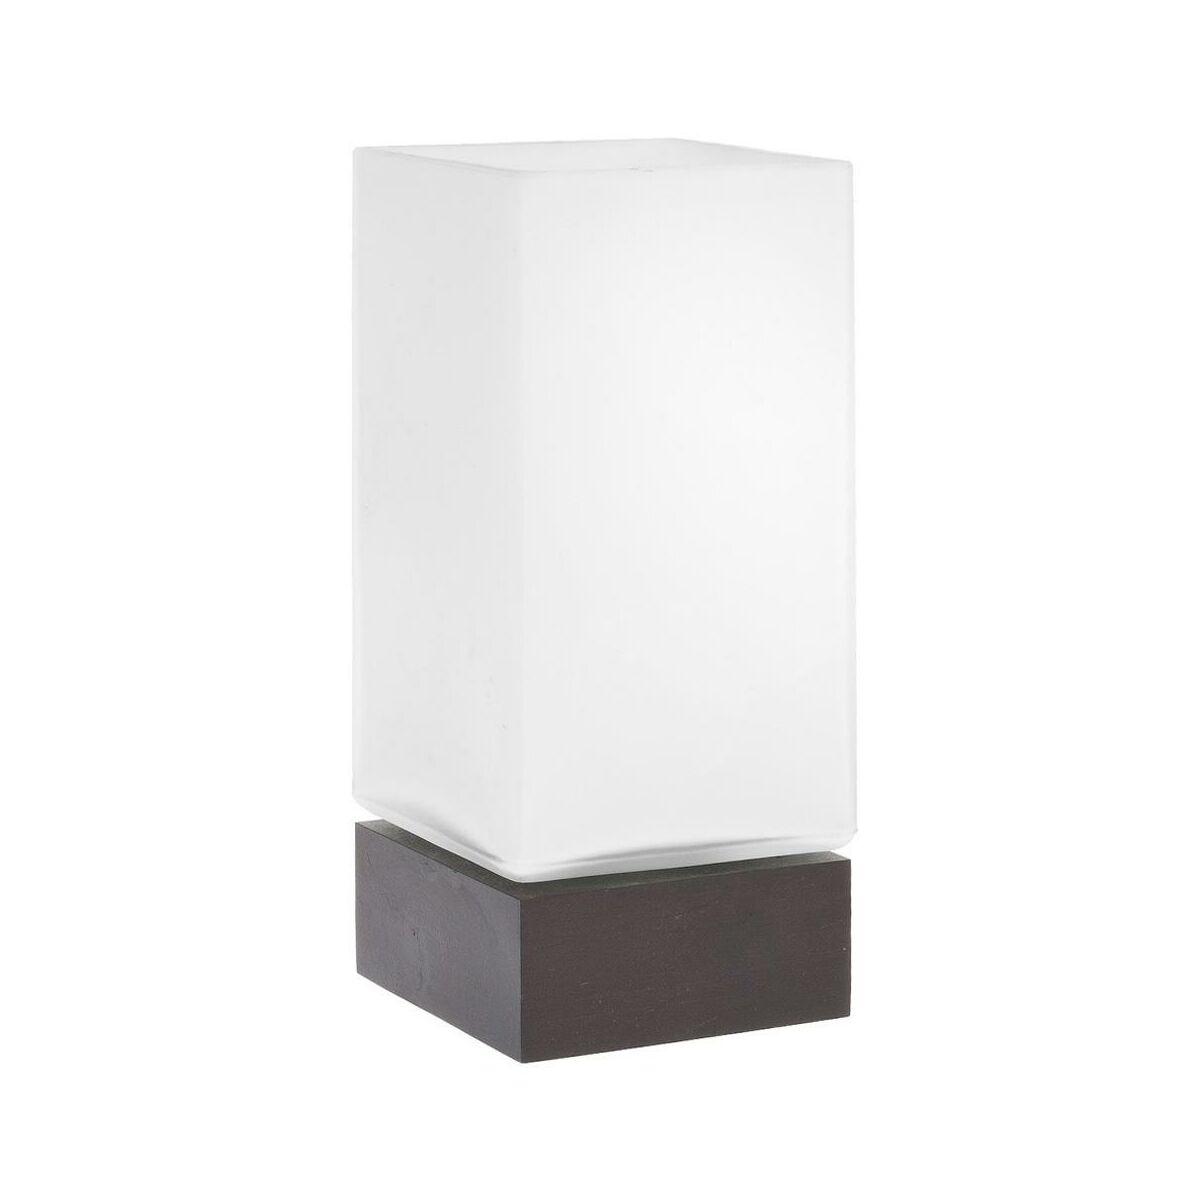 Lampa stoj ca cubo lampy sto owe w atrakcyjnej cenie w for Mensole cubo leroy merlin